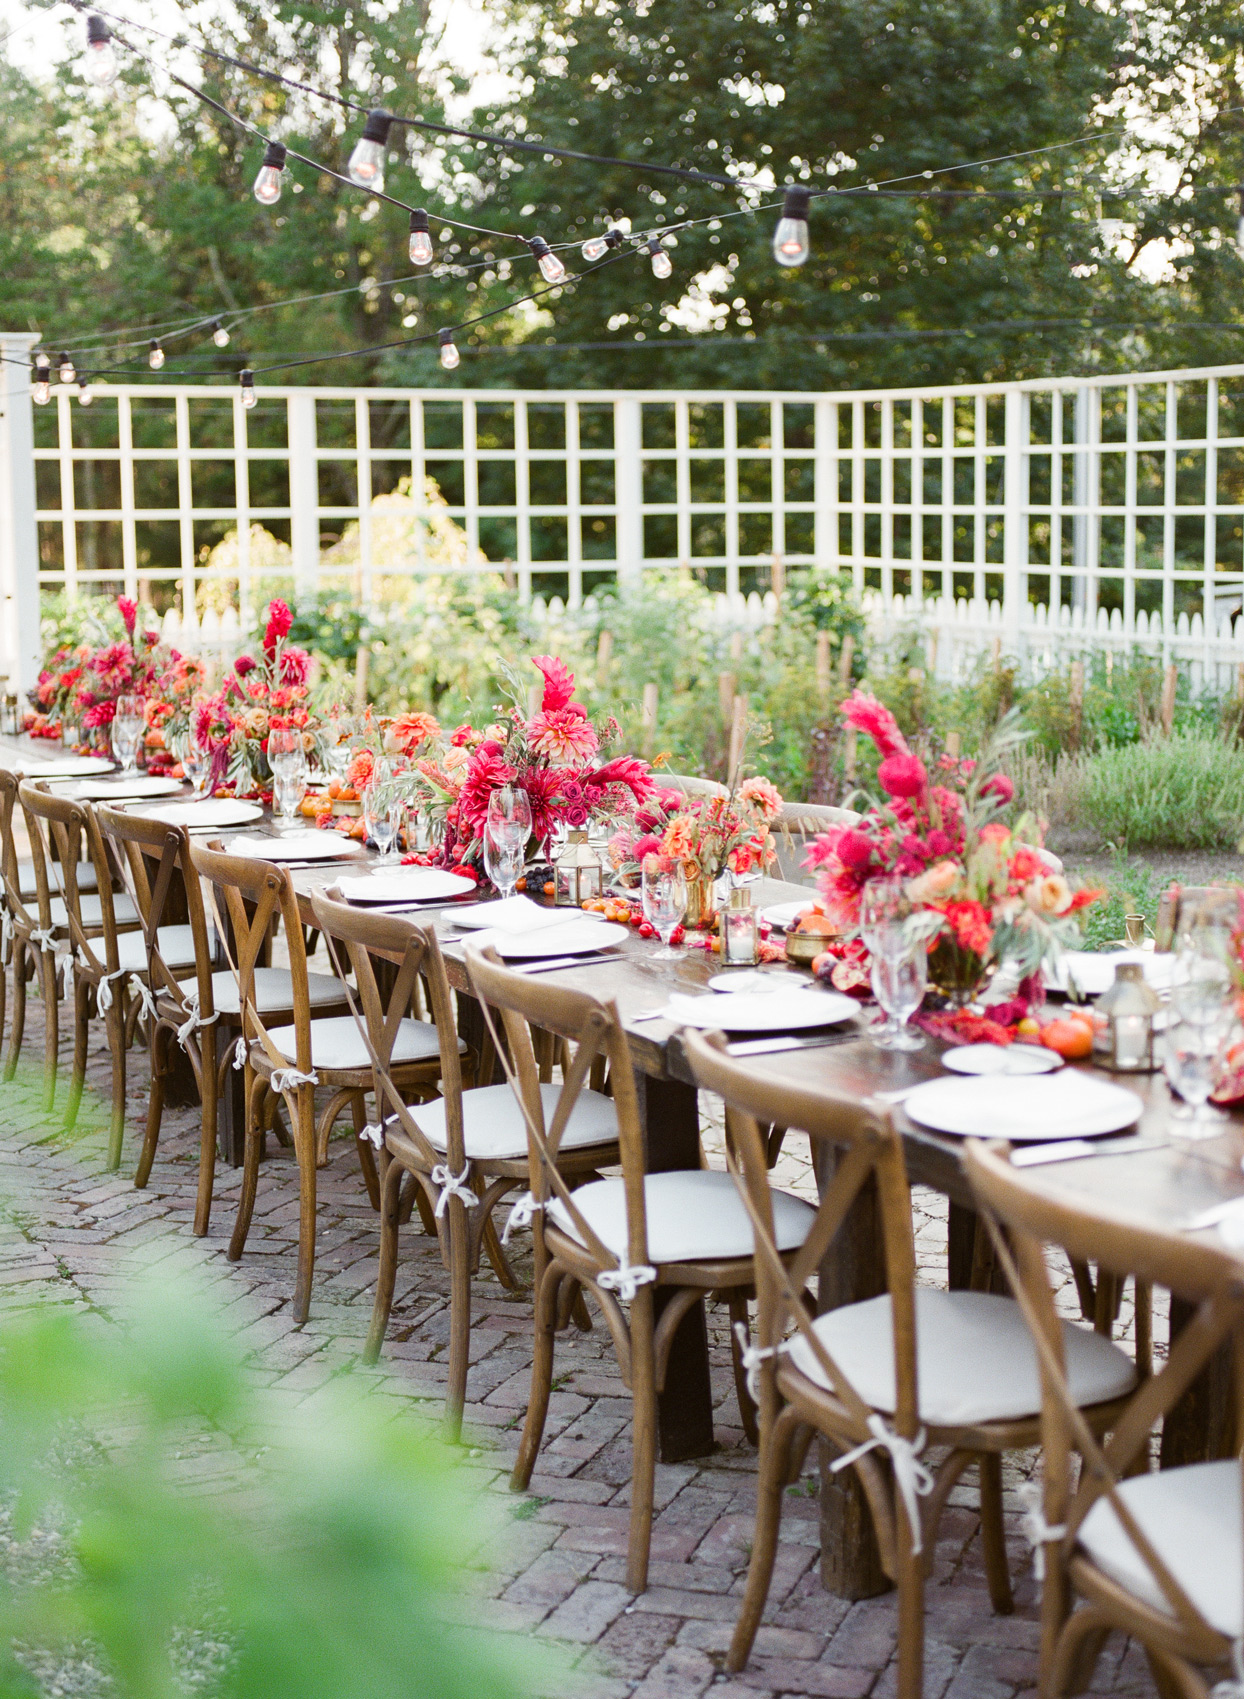 rehearsal dinner table setting in outdoor garden